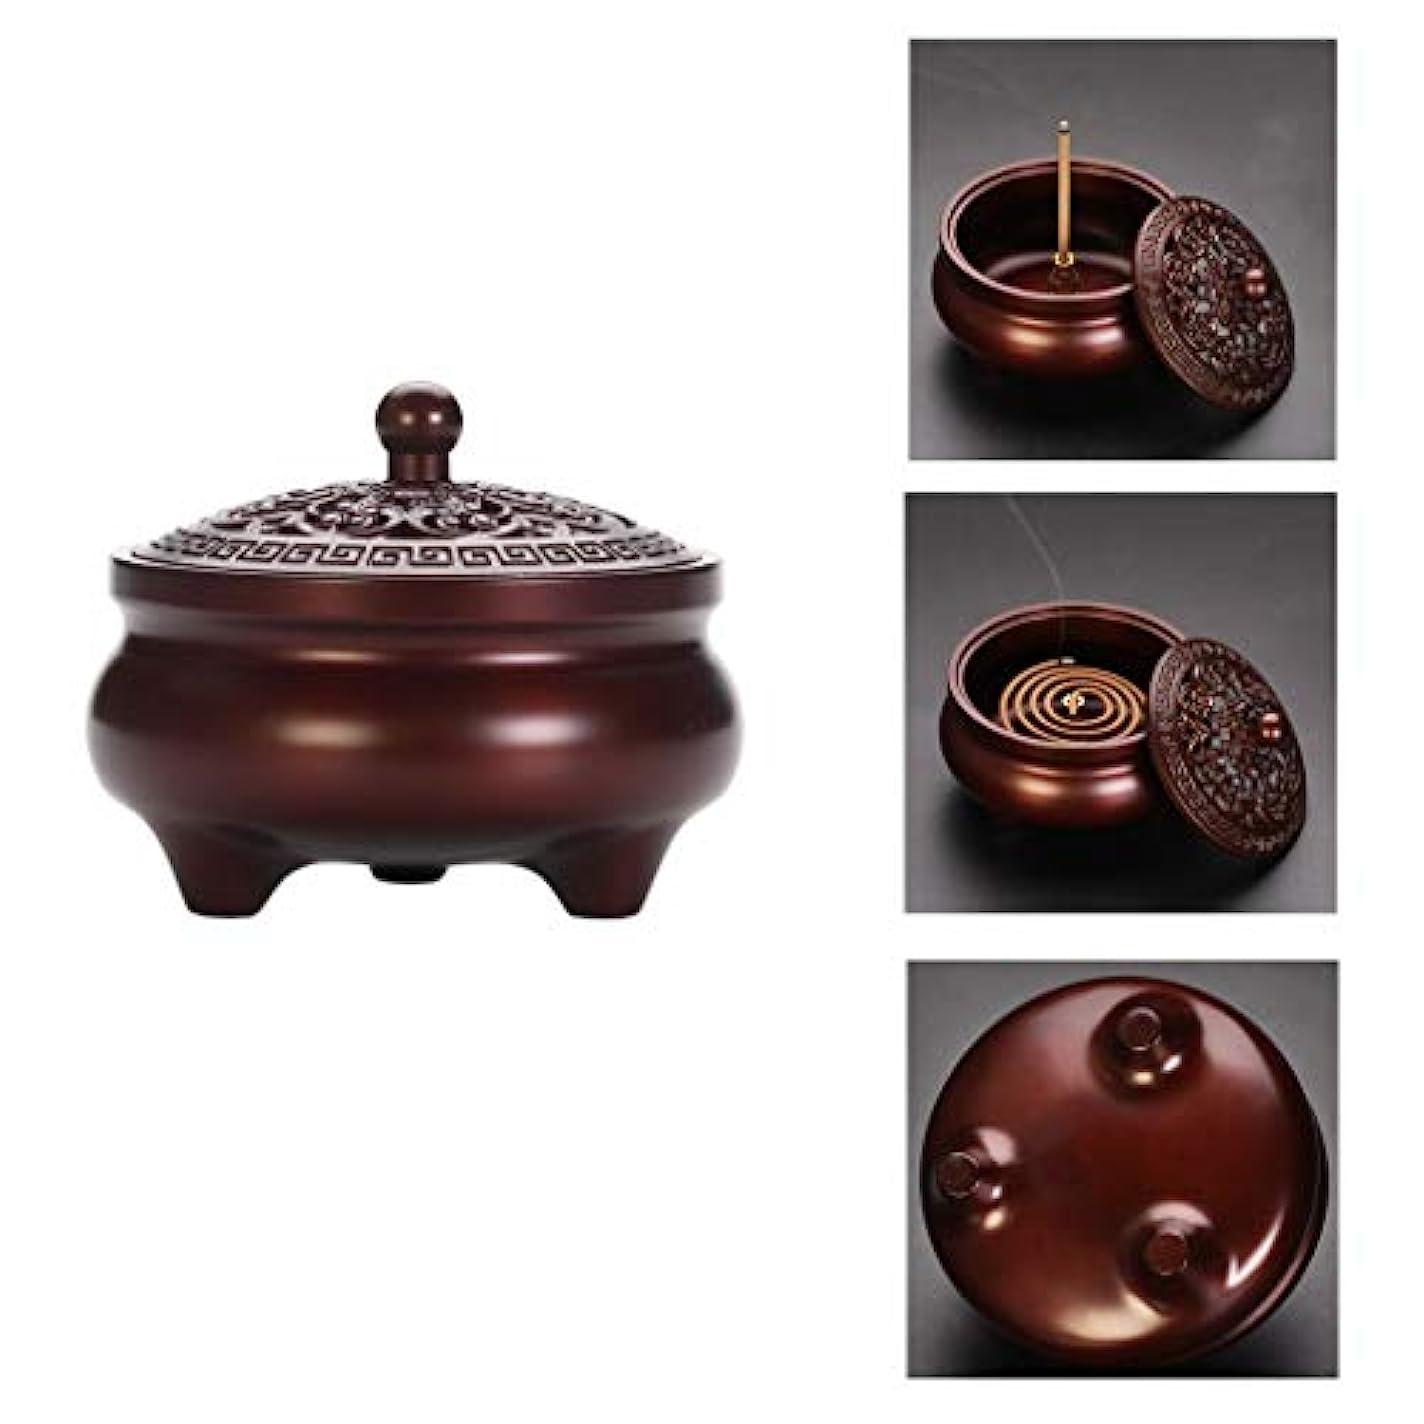 薄いです姓複数ホームアロマバーナー 純銅製メカニズム香炉シンプルでエレガントな香炉内三脚アロマセラピー炉 アロマバーナー (Color : Purple Lotus)